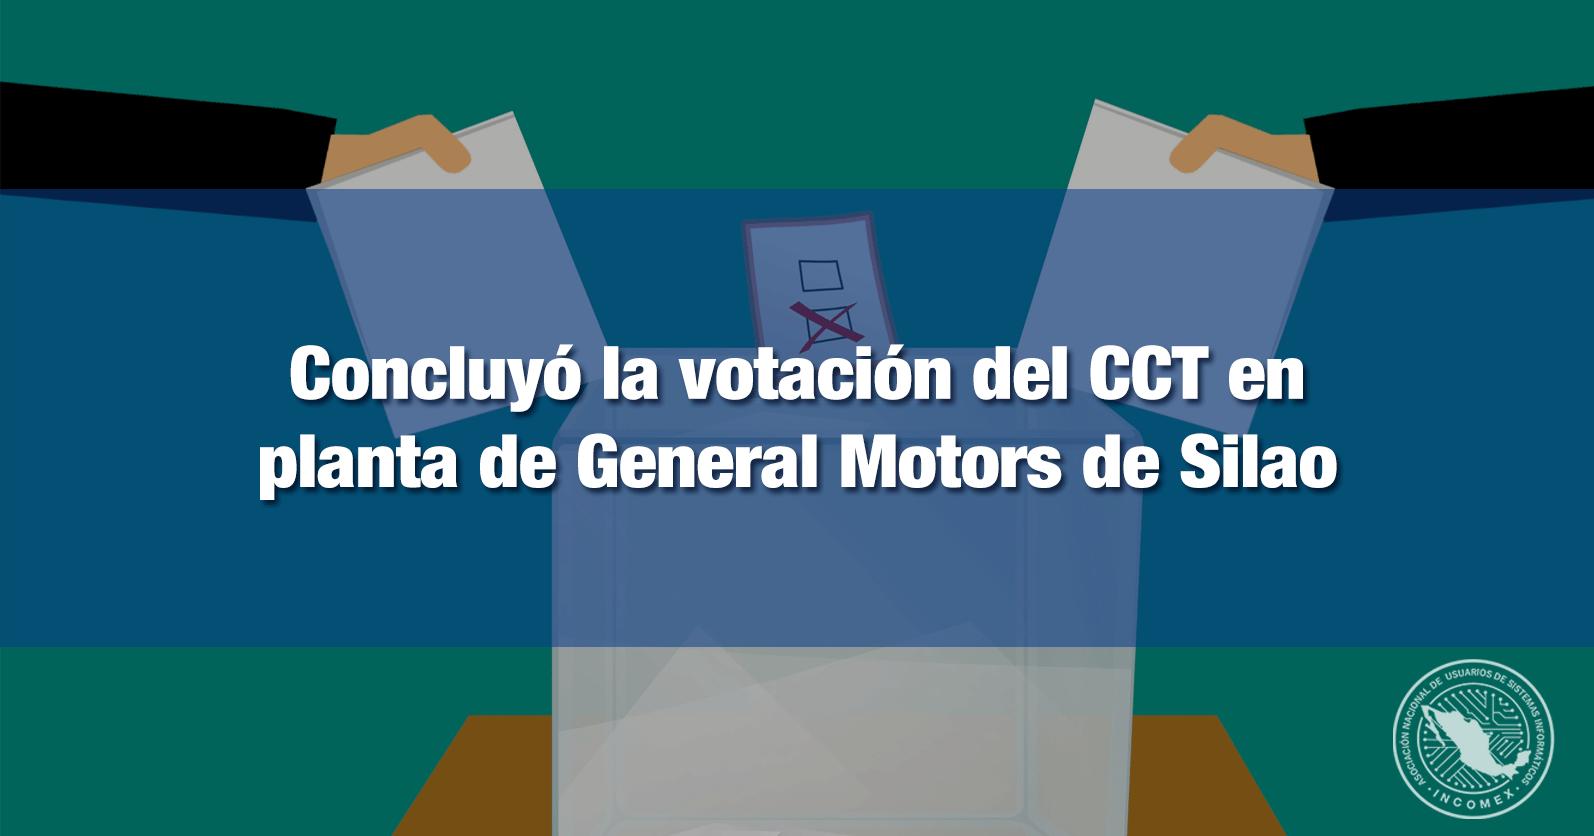 Concluyó la votación del CCT en planta de General Motors de Silao